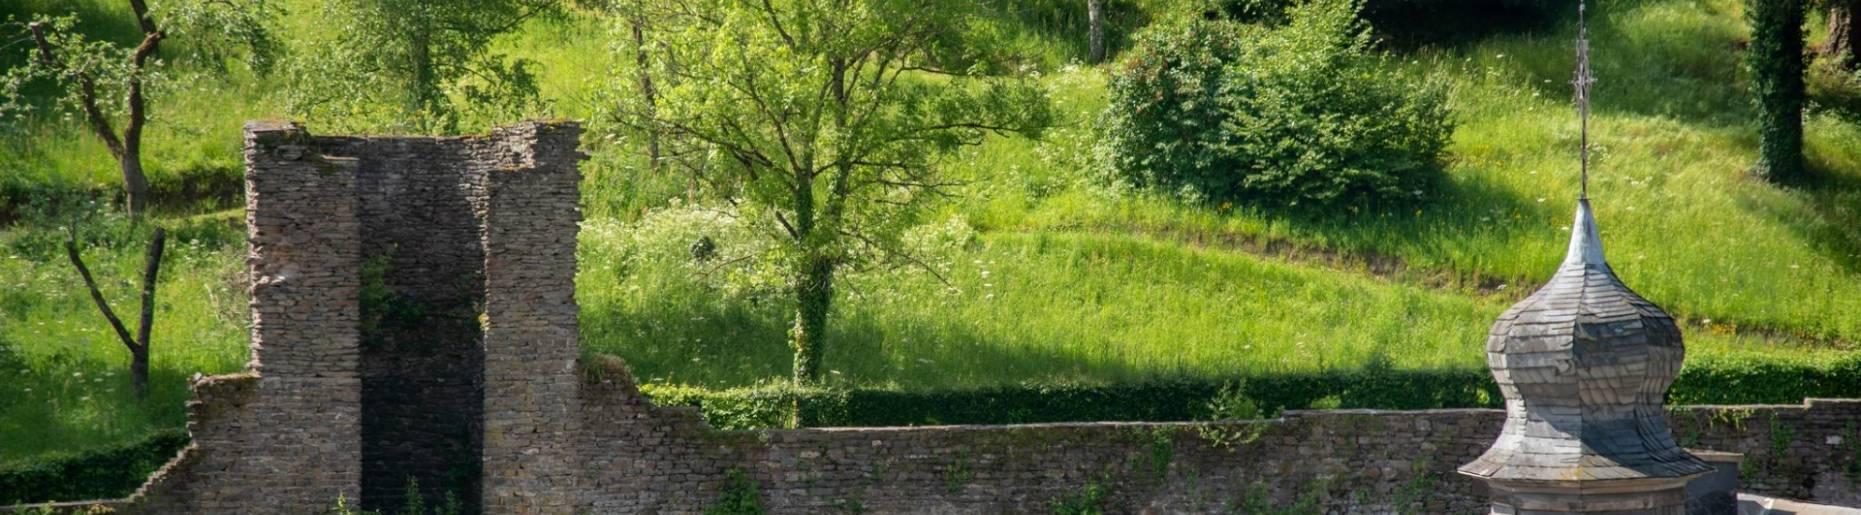 veianen ringmauer dan1424 hdrm hdfb